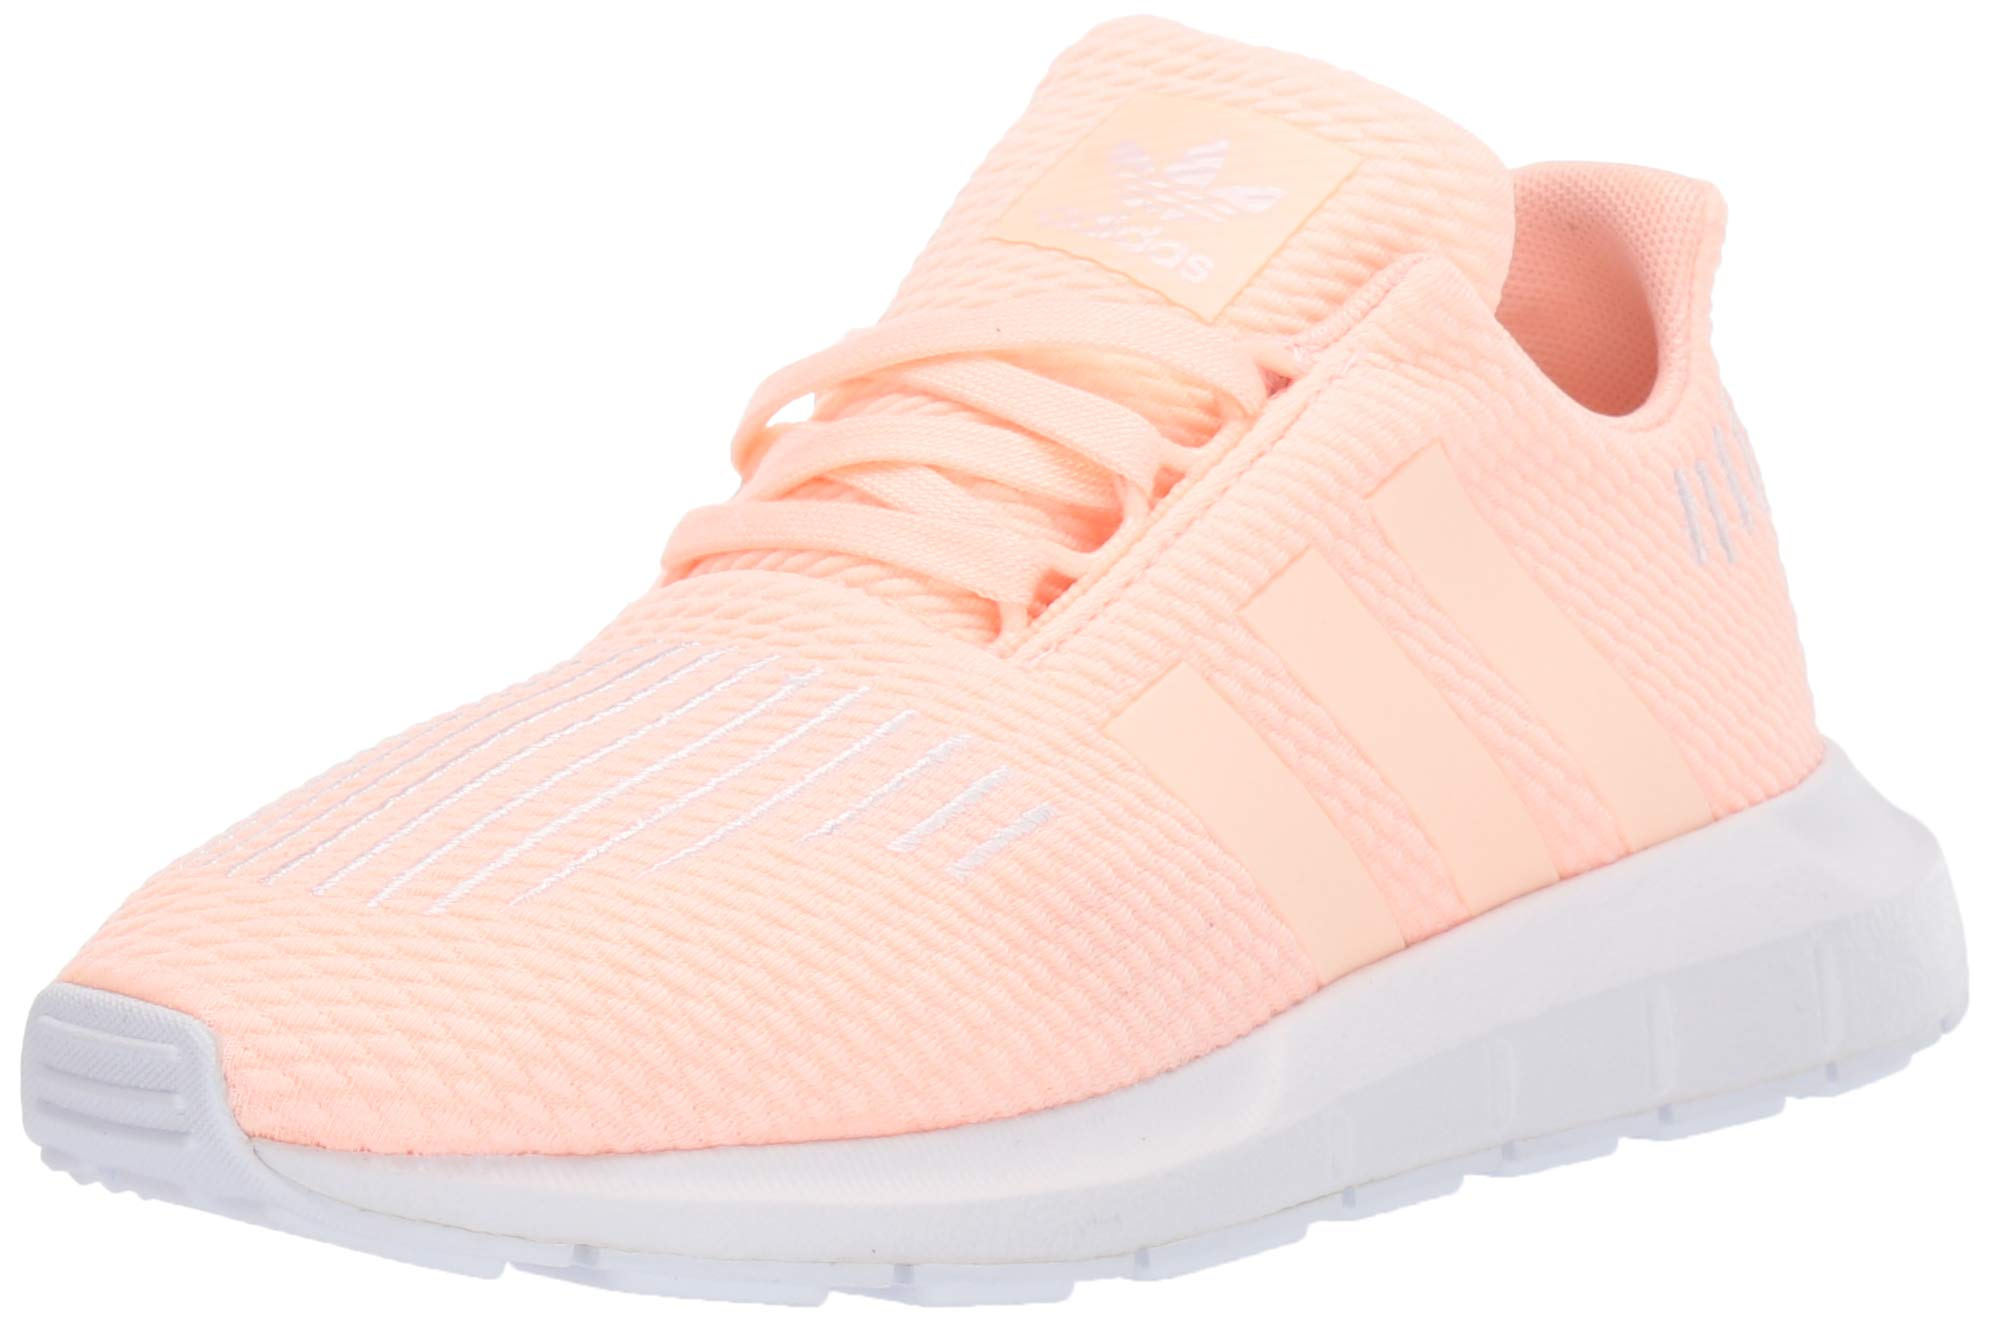 adidas Originals Unisex-Kid's Swift Running Shoe, Clear Orange/Weiss-Schwarz/White, 1.5 M US Little Kid by adidas Originals